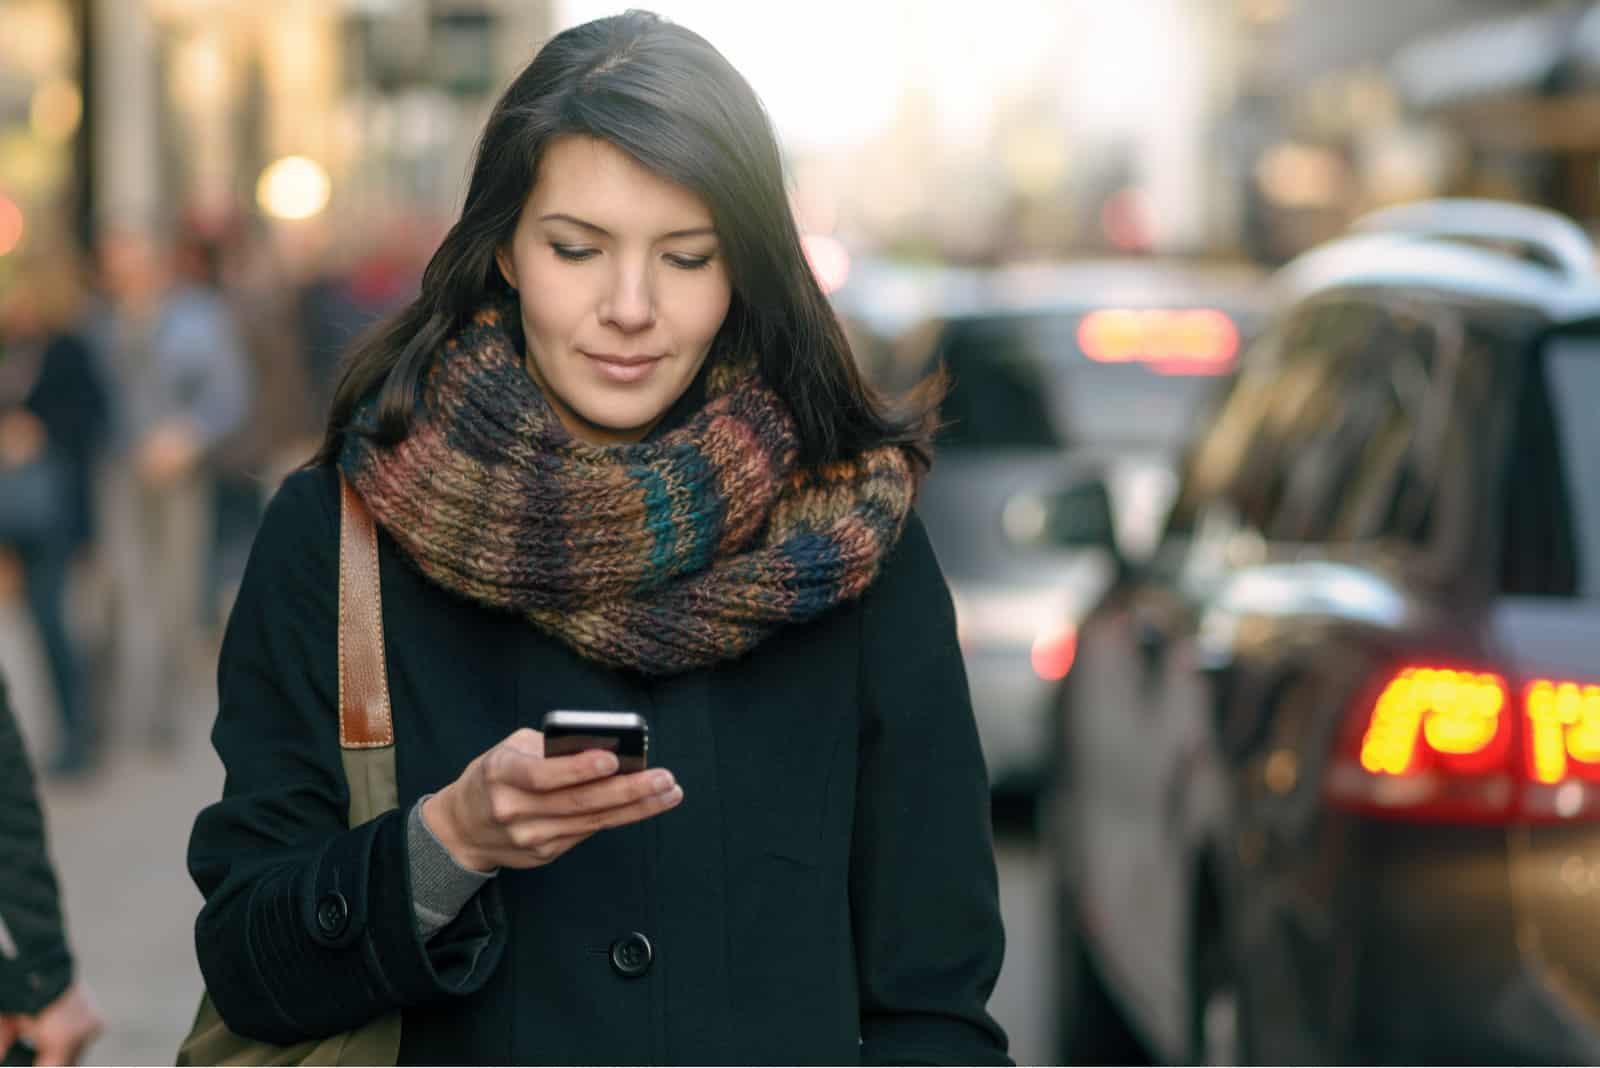 Eine Frau in einem schwarzen Mantel geht die Straße entlang und sendet eine SMS auf ihr Smartphone